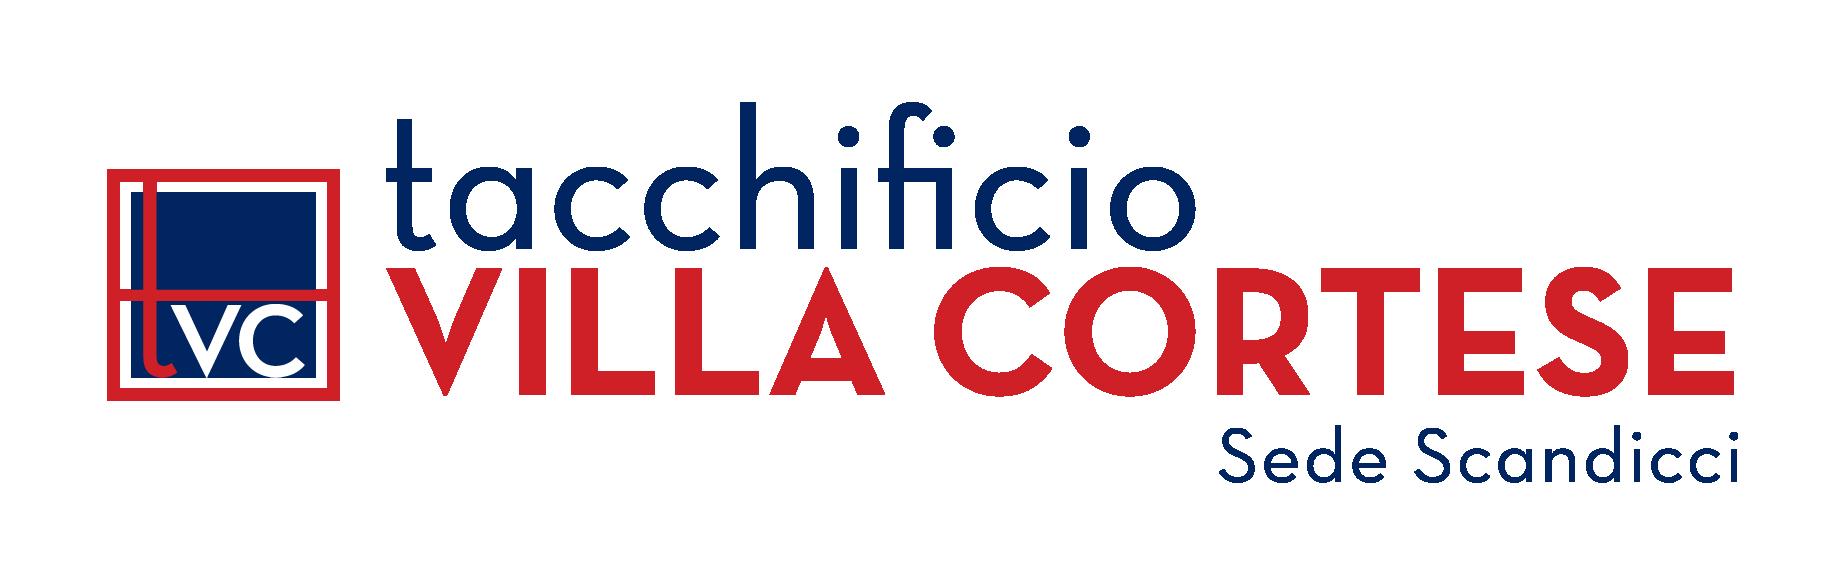 Modelleria Scandicci